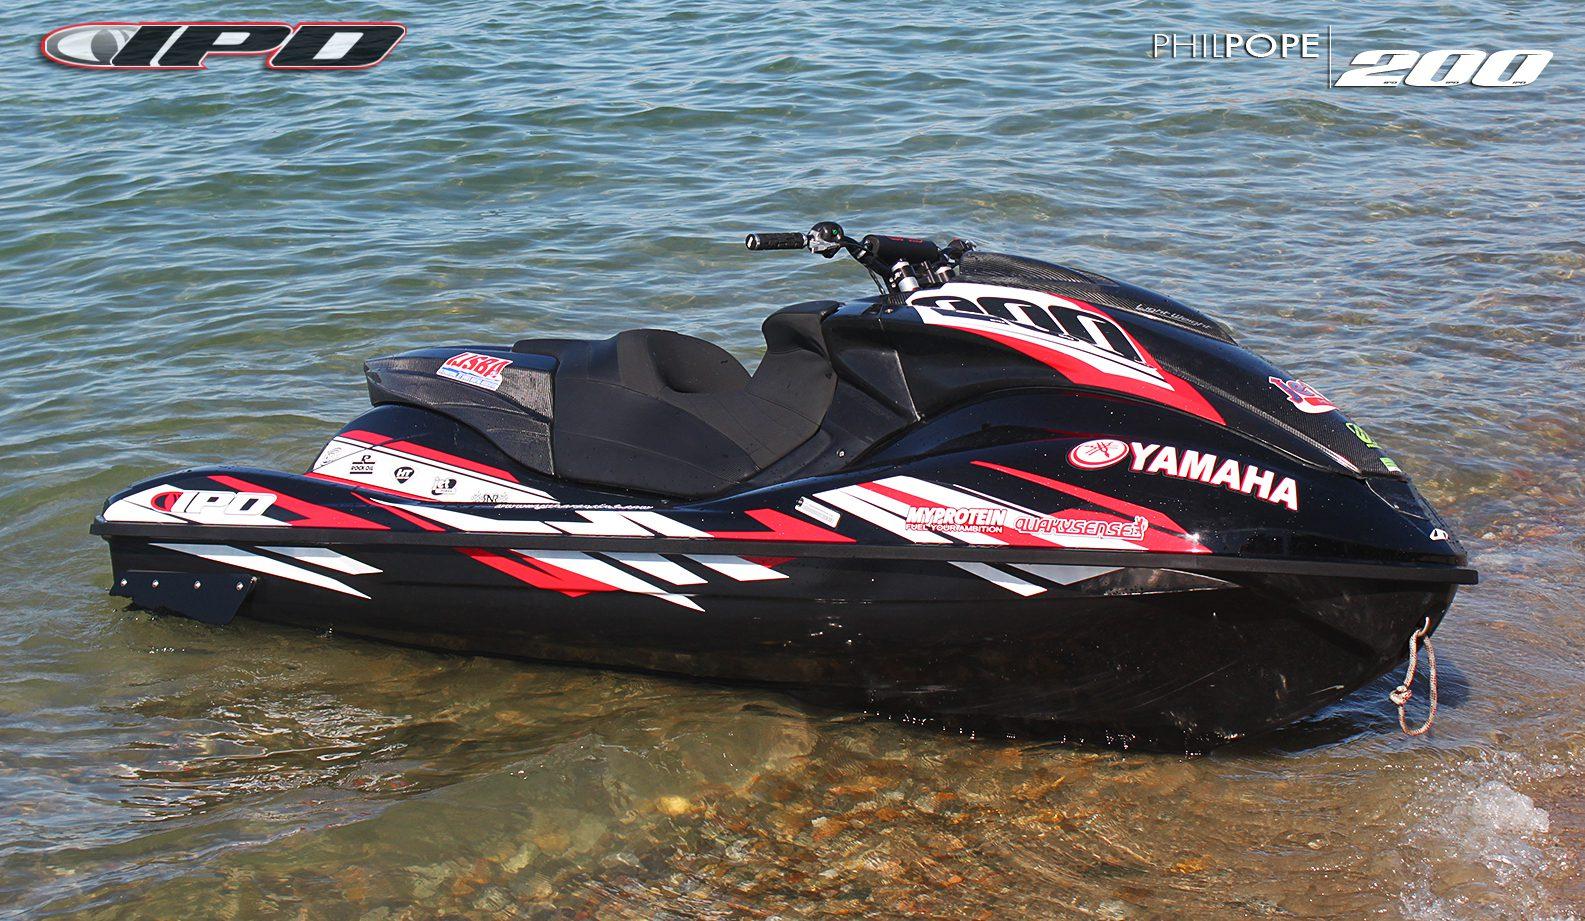 Yamaha fzs fzr graphics gallery ipd jet ski graphics for Yamaha jet skis